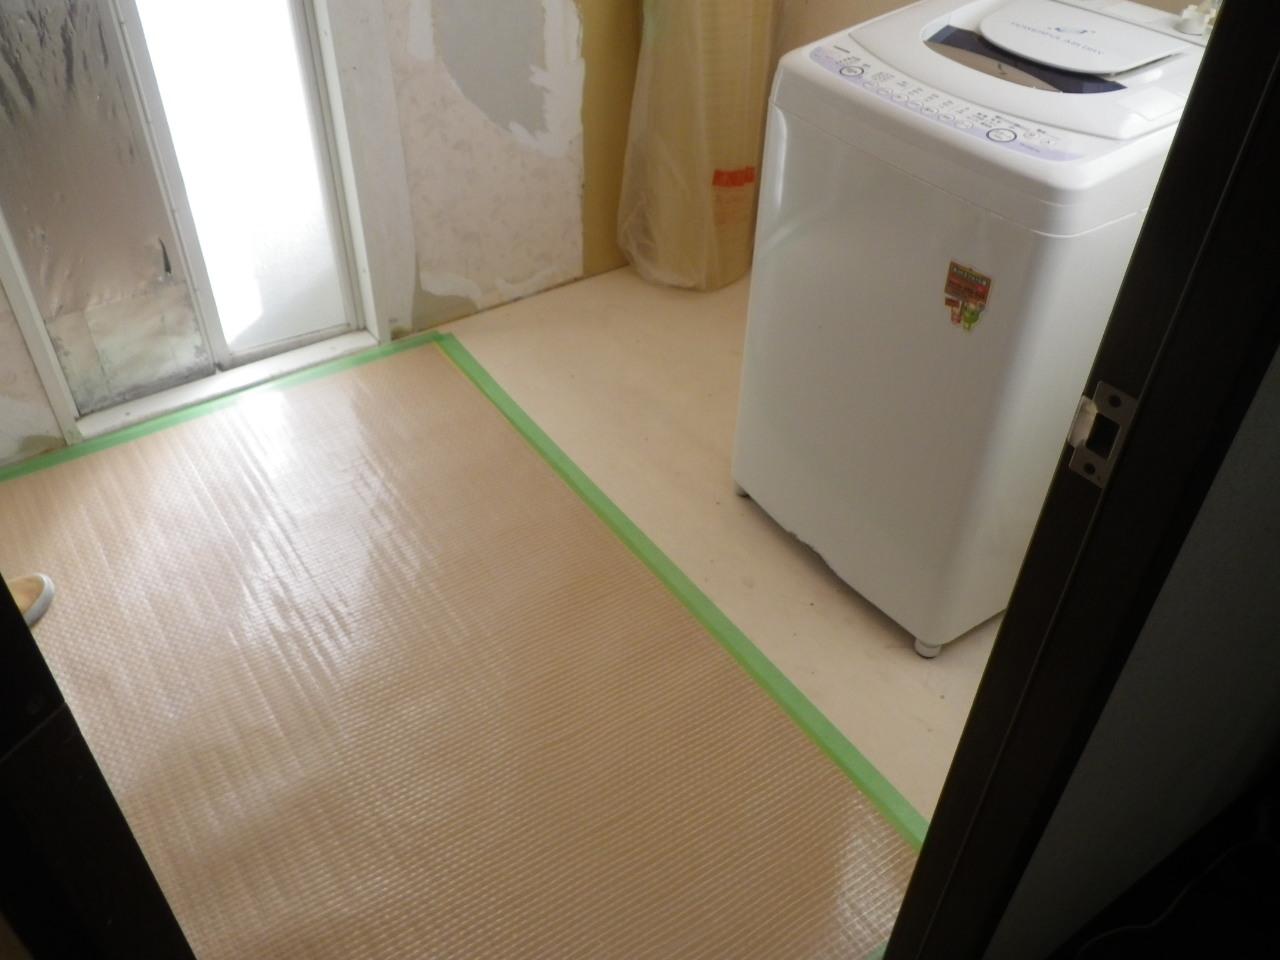 初日作業終了。洗面台は床仕上げのクッションフロアを施工した後に設置する為、浴室を利用できるように床養生まで行いました。洗濯機は毎日使用するので、新しくなった壁水栓・床排水金物に接続してあります。